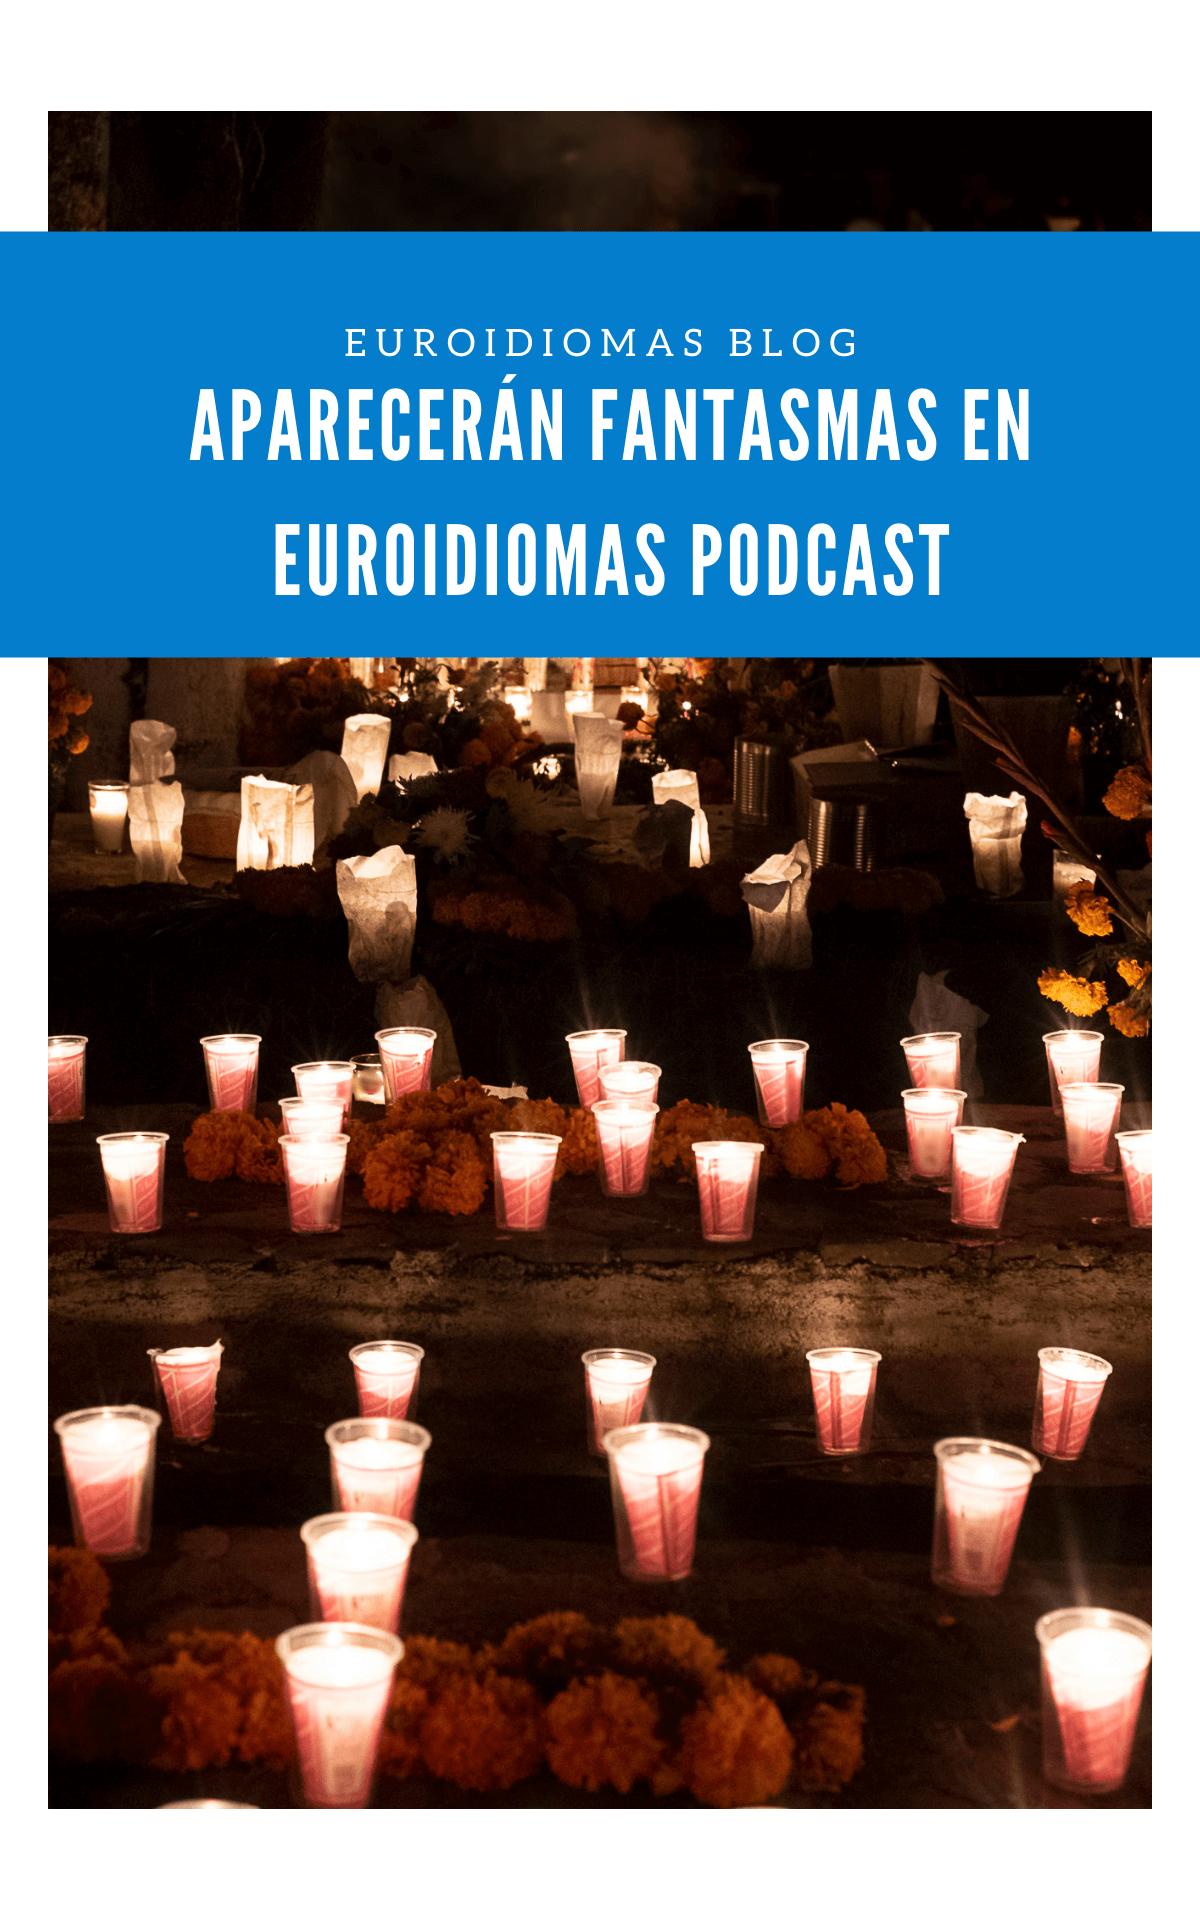 Aparecerán fantasmas en Euroidiomas Podcast